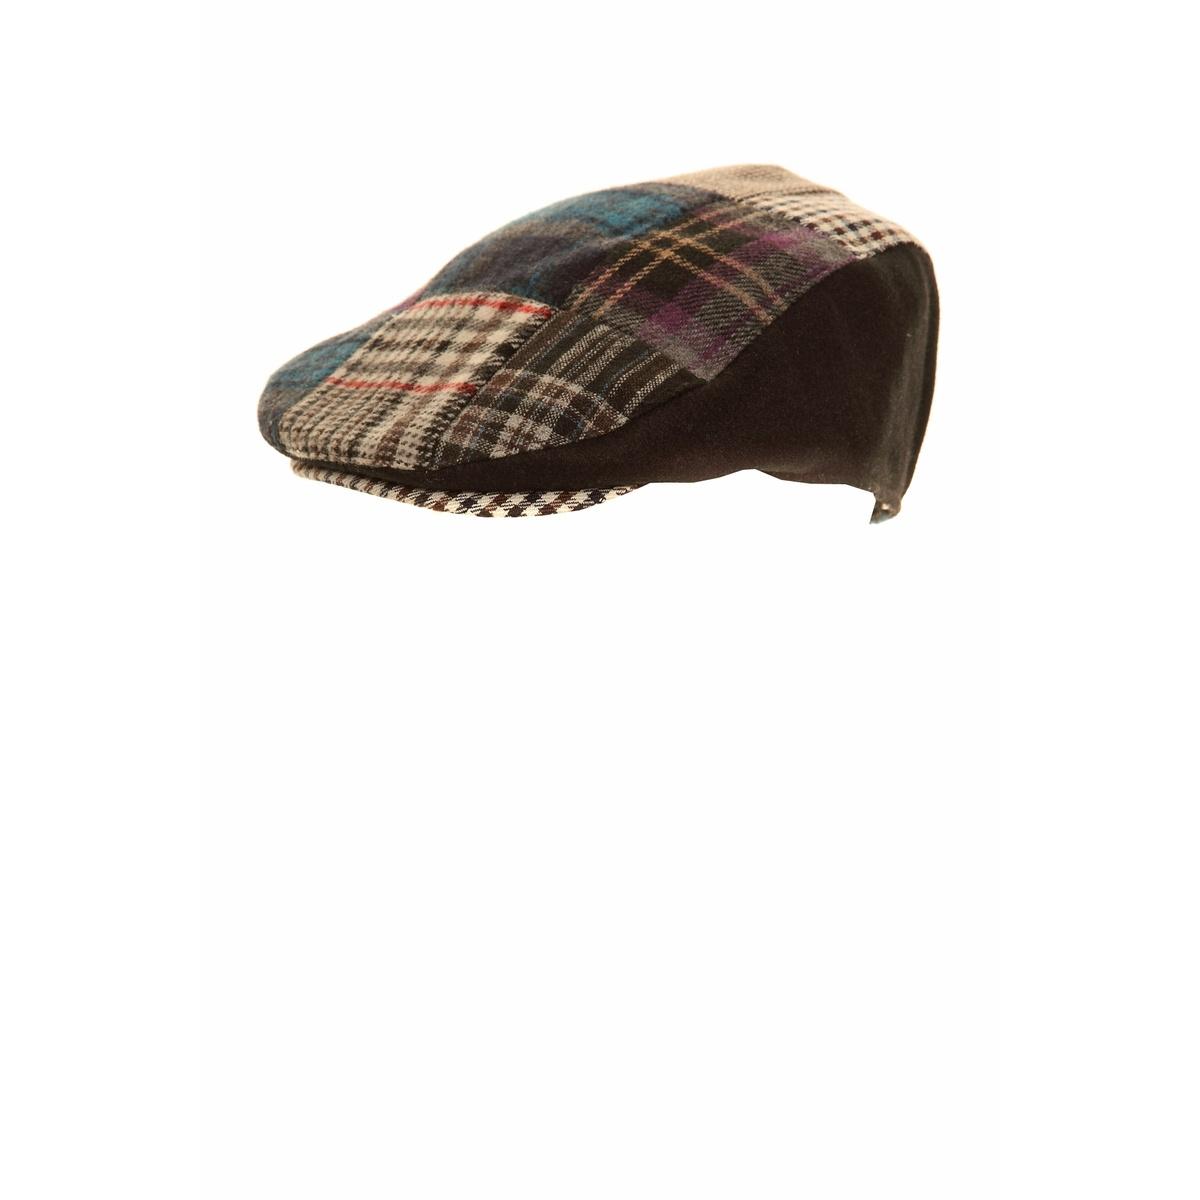 おしゃれ メンズ帽子 防寒 キャップ 流行 秋冬 メンズ パッチワーク 帽子 ウールブレンド ハット フラットキャップ 冬 保証 ハンチング 海外直送